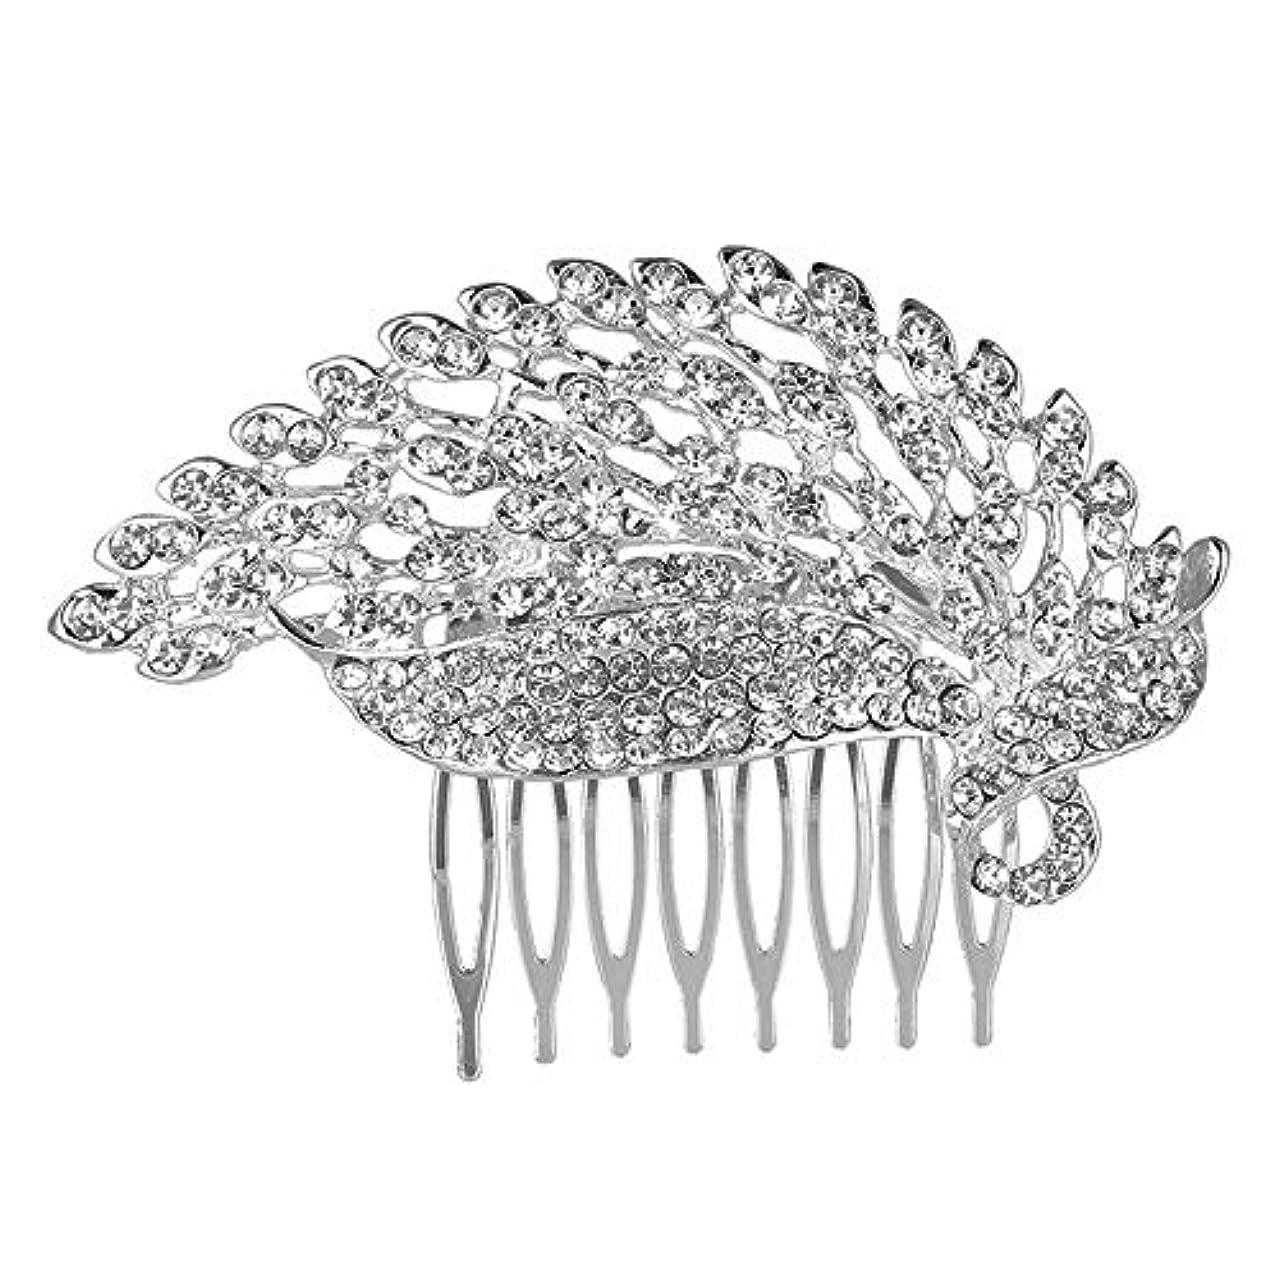 抵当句繊毛髪の櫛の櫛の櫛の花嫁の櫛の櫛の櫛の花嫁の頭飾りの結婚式のアクセサリー合金